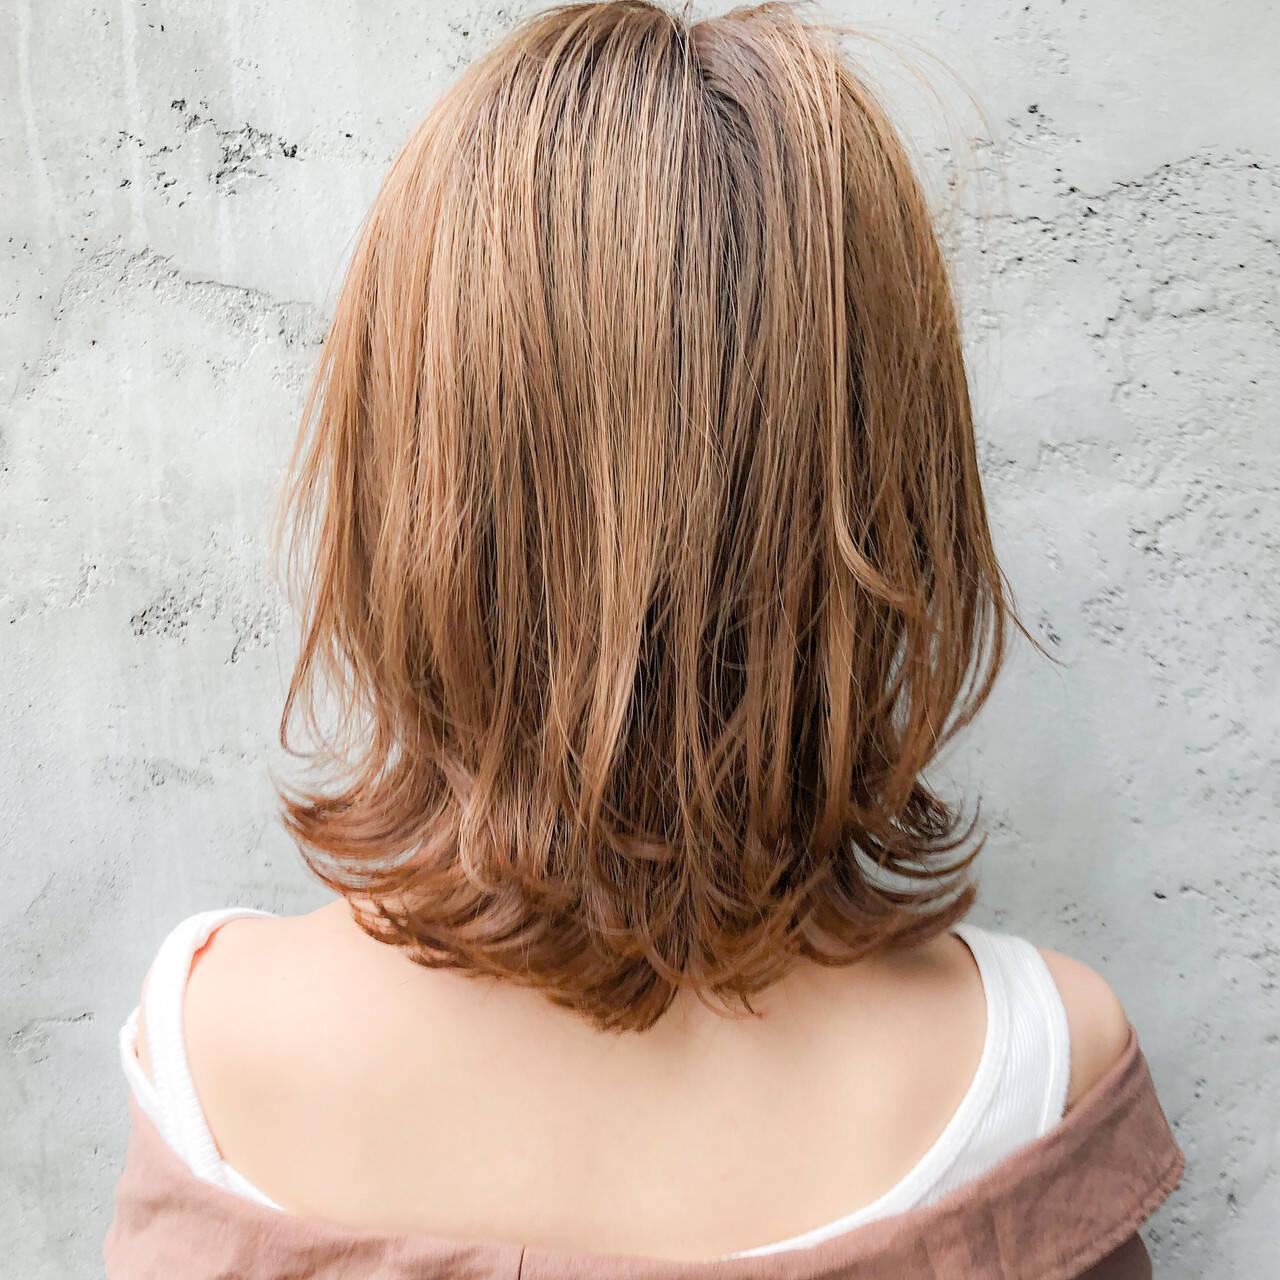 切りっぱなしボブ ショートヘア 大人可愛い ショートボブヘアスタイルや髪型の写真・画像